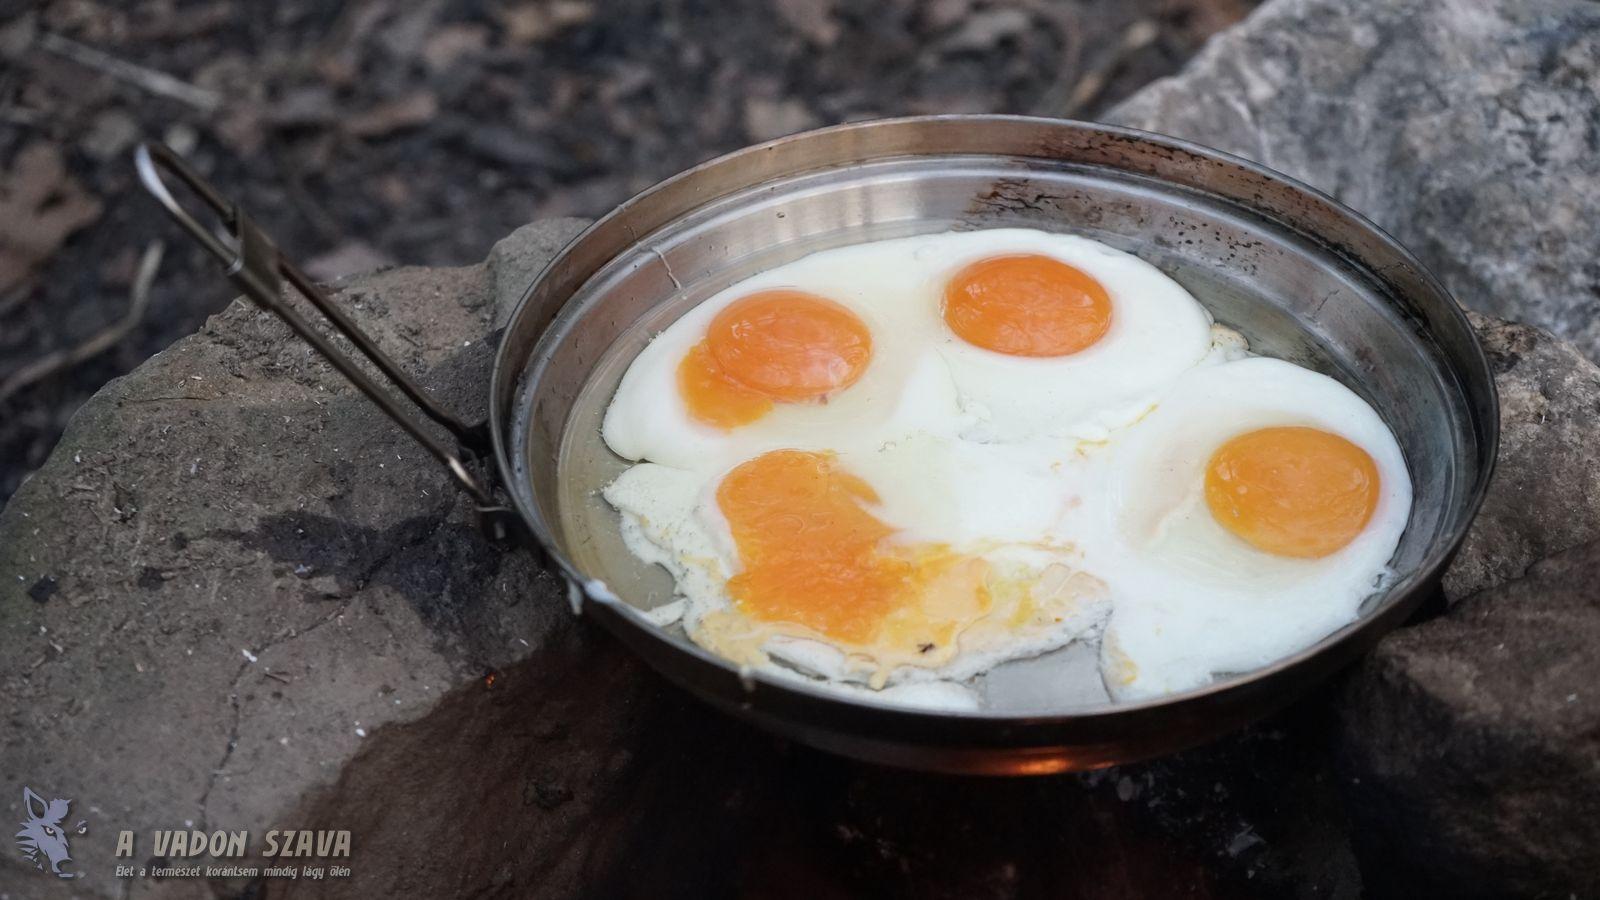 Tojássütés a Tatonka Kettle serpenyőnek is használható fedelében